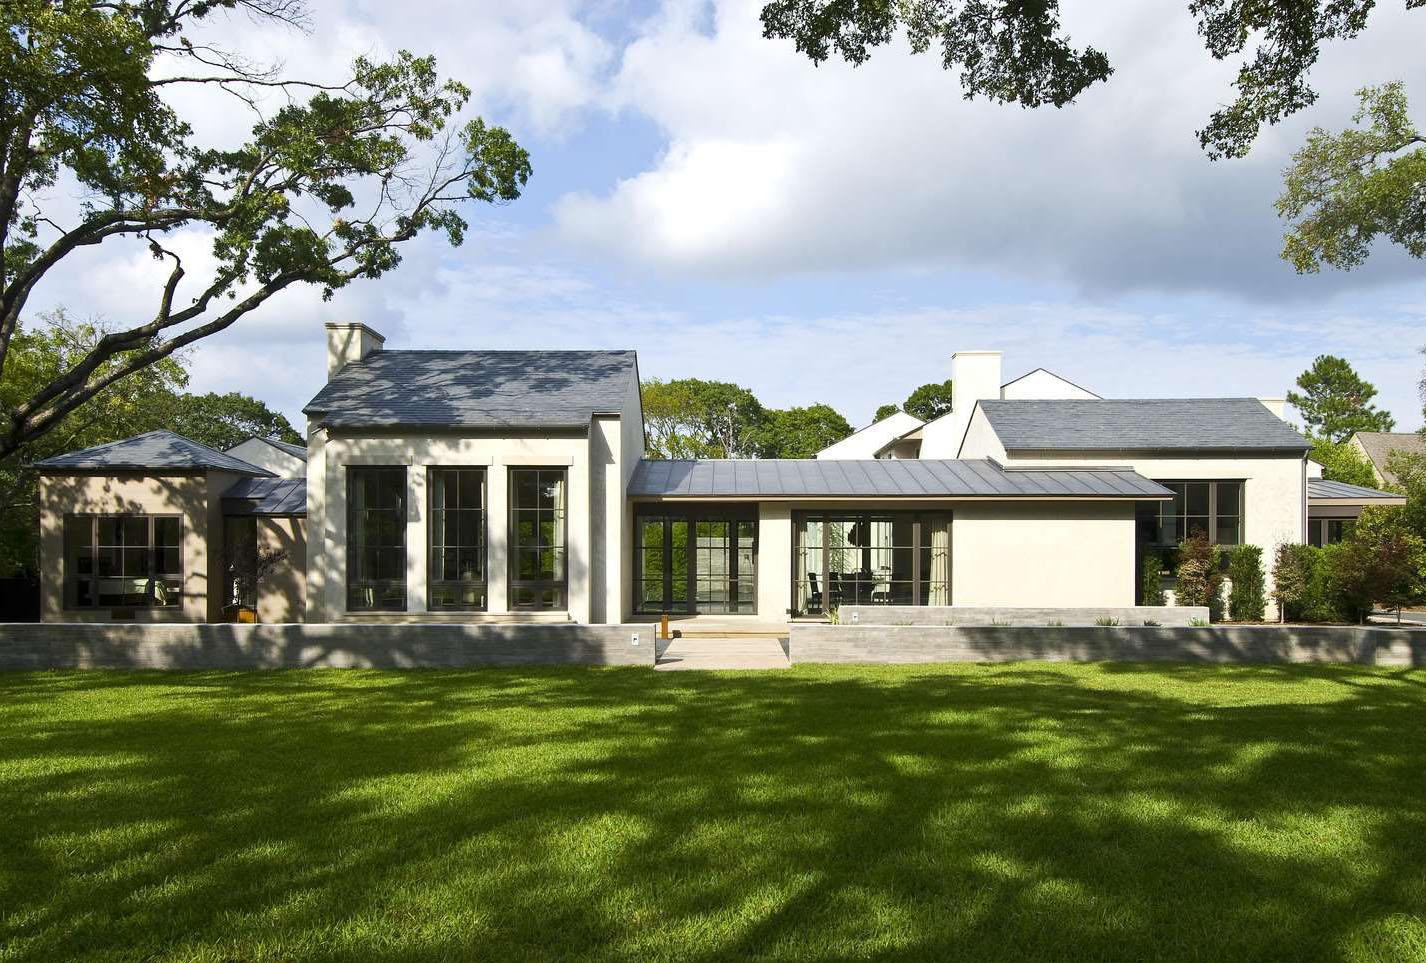 real home design   architecture & interior design ideas